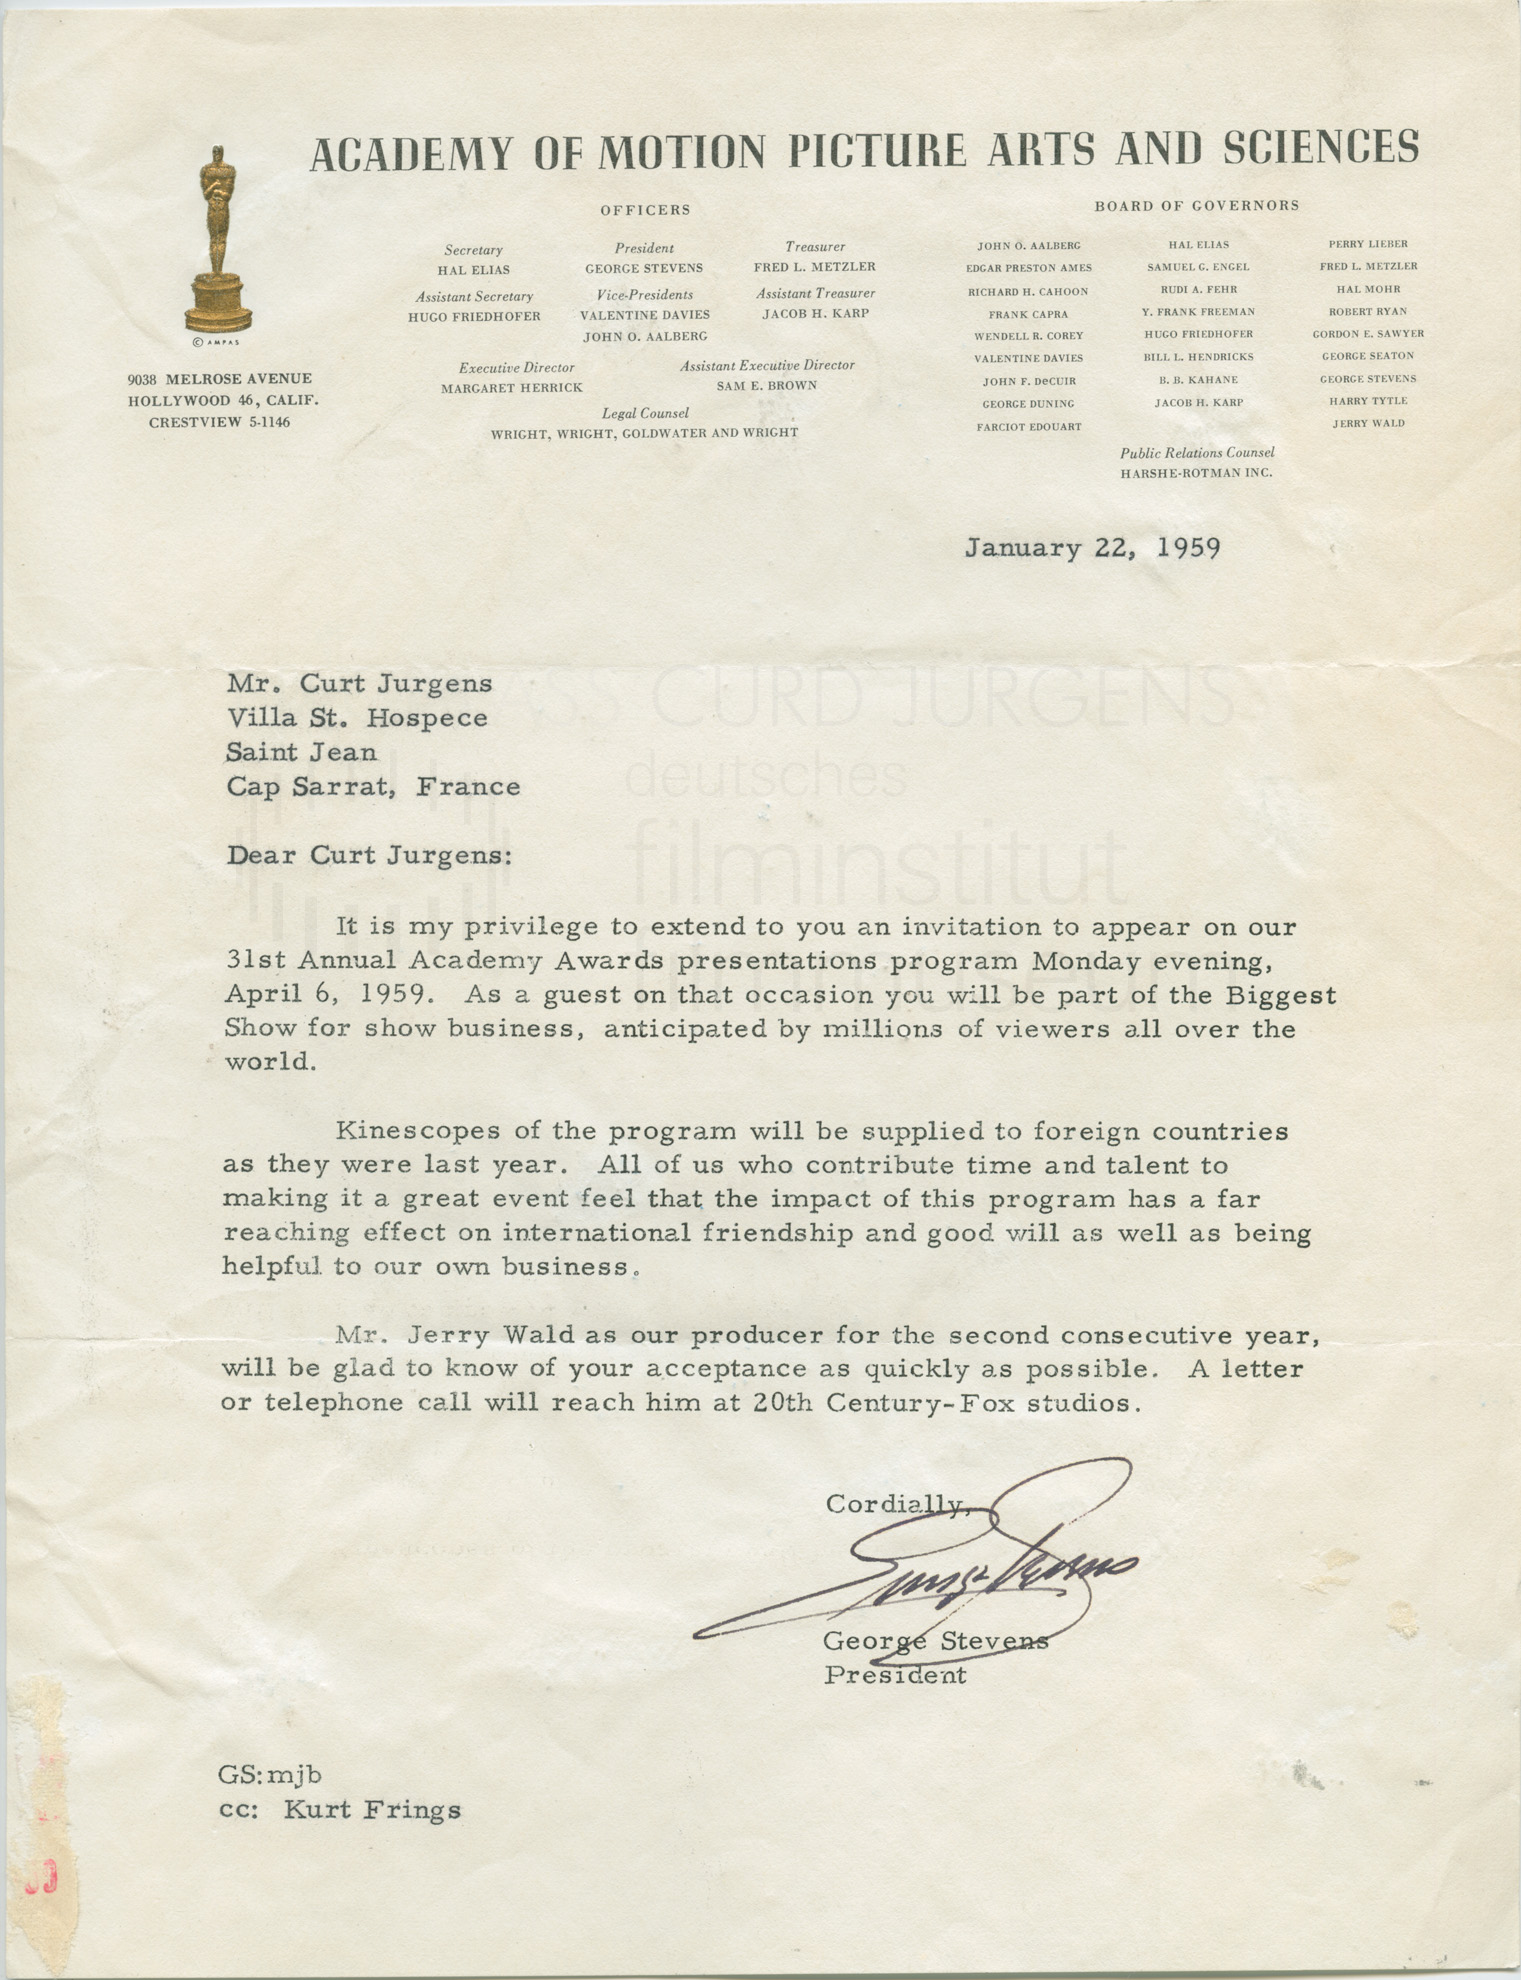 Oscar-Einladung von George Stevens an Curd Jürgens, 22.1.1959.